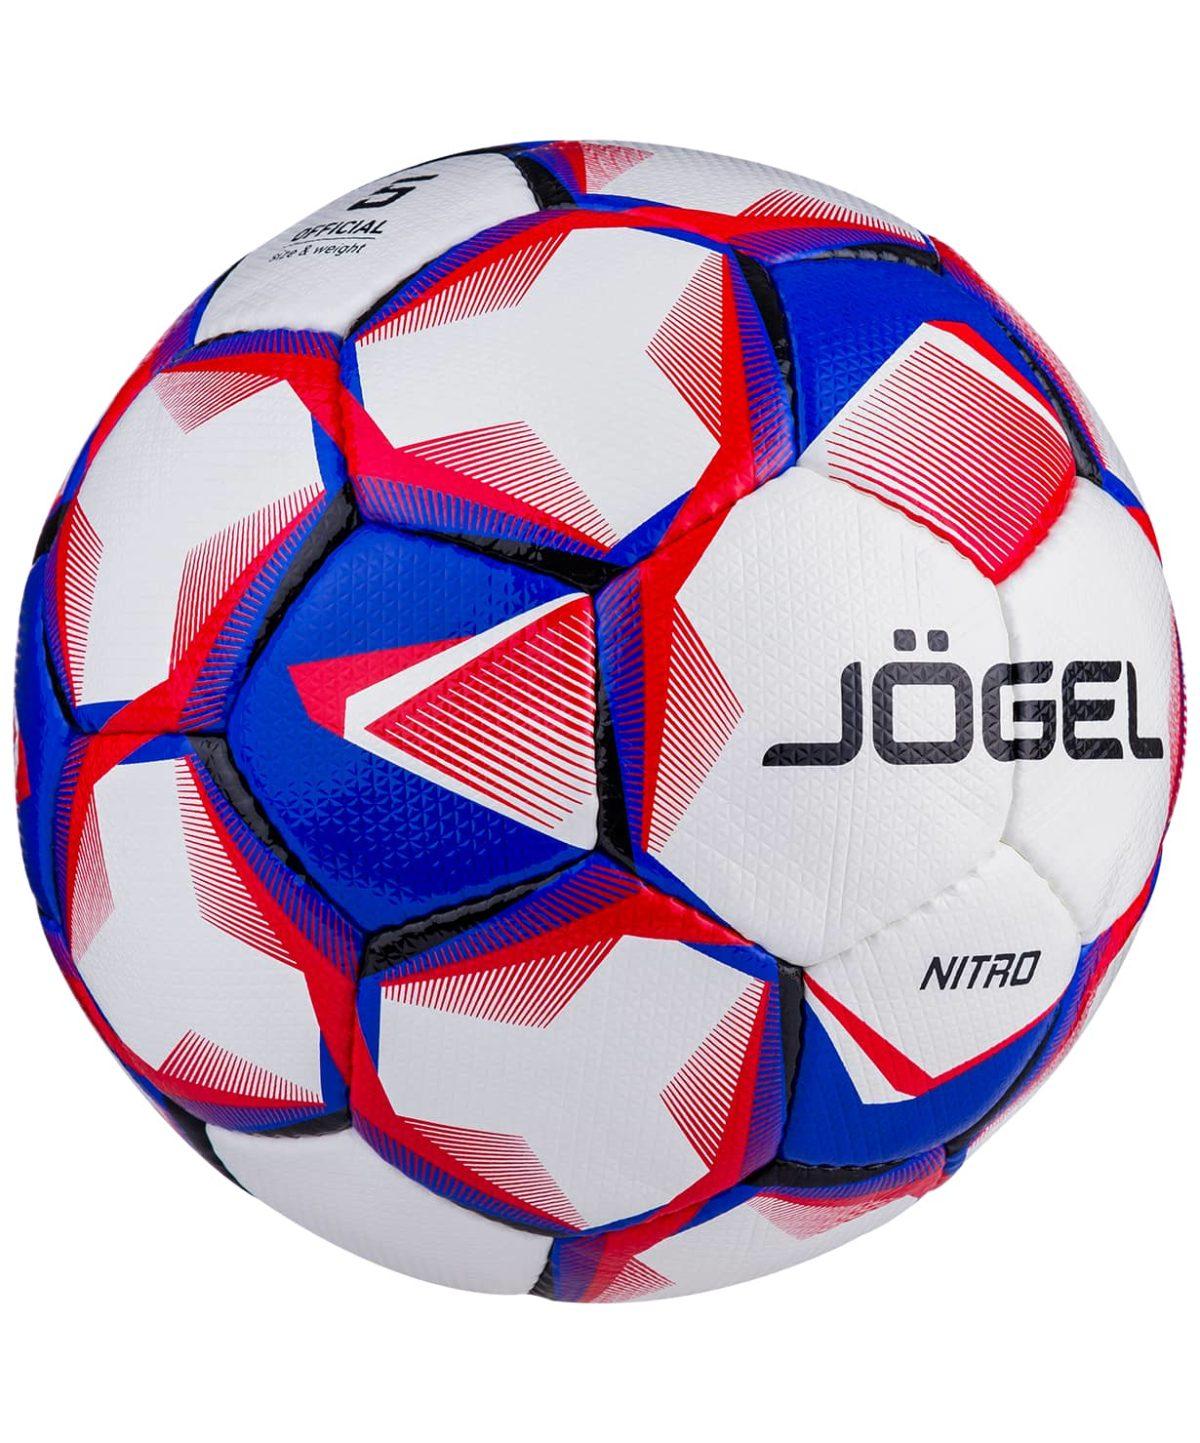 JOGEL Nitro  мяч футб.  Nitro (BC20) №5 - 4